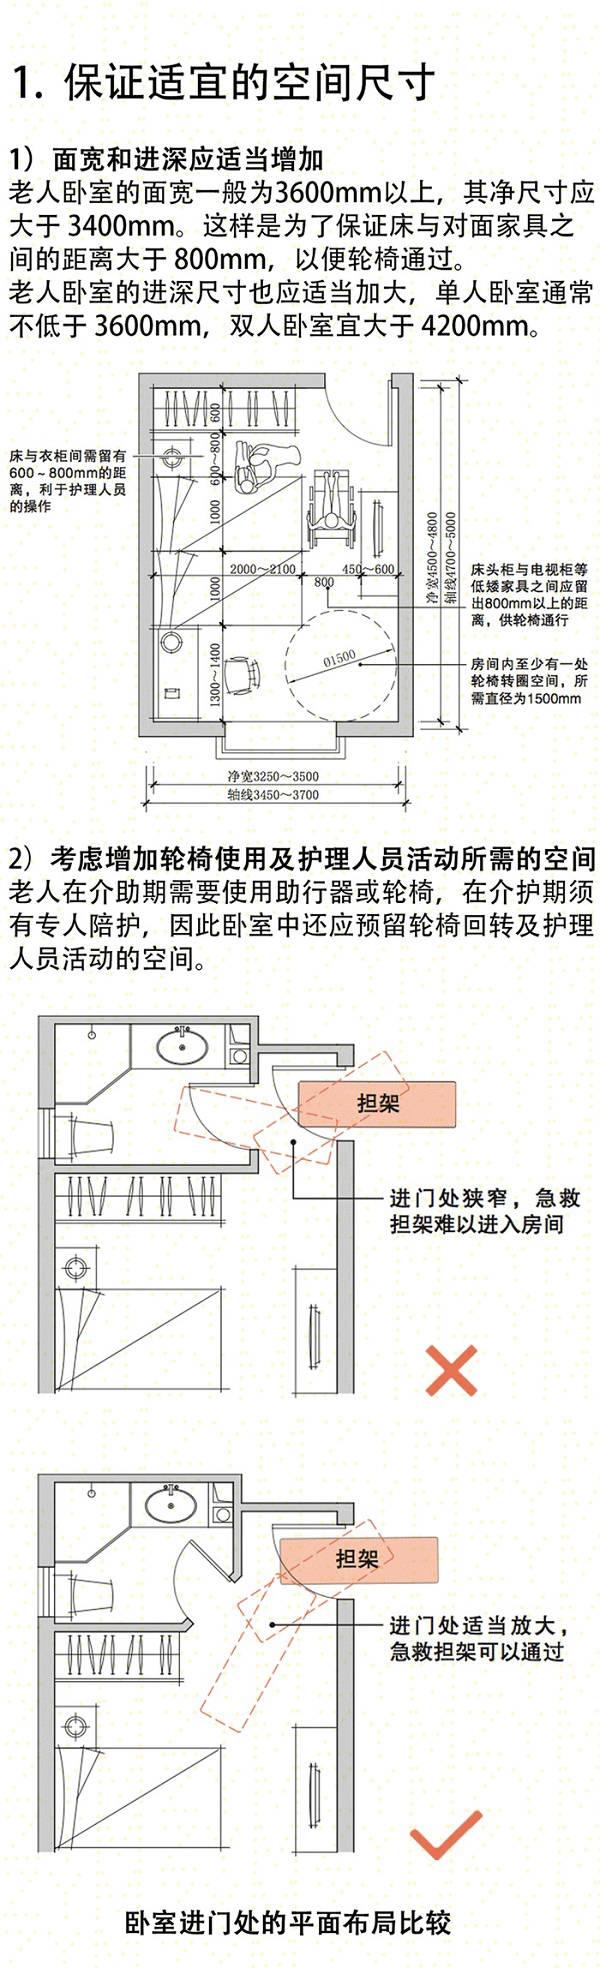 老年住宅室内各空间设计要点_1